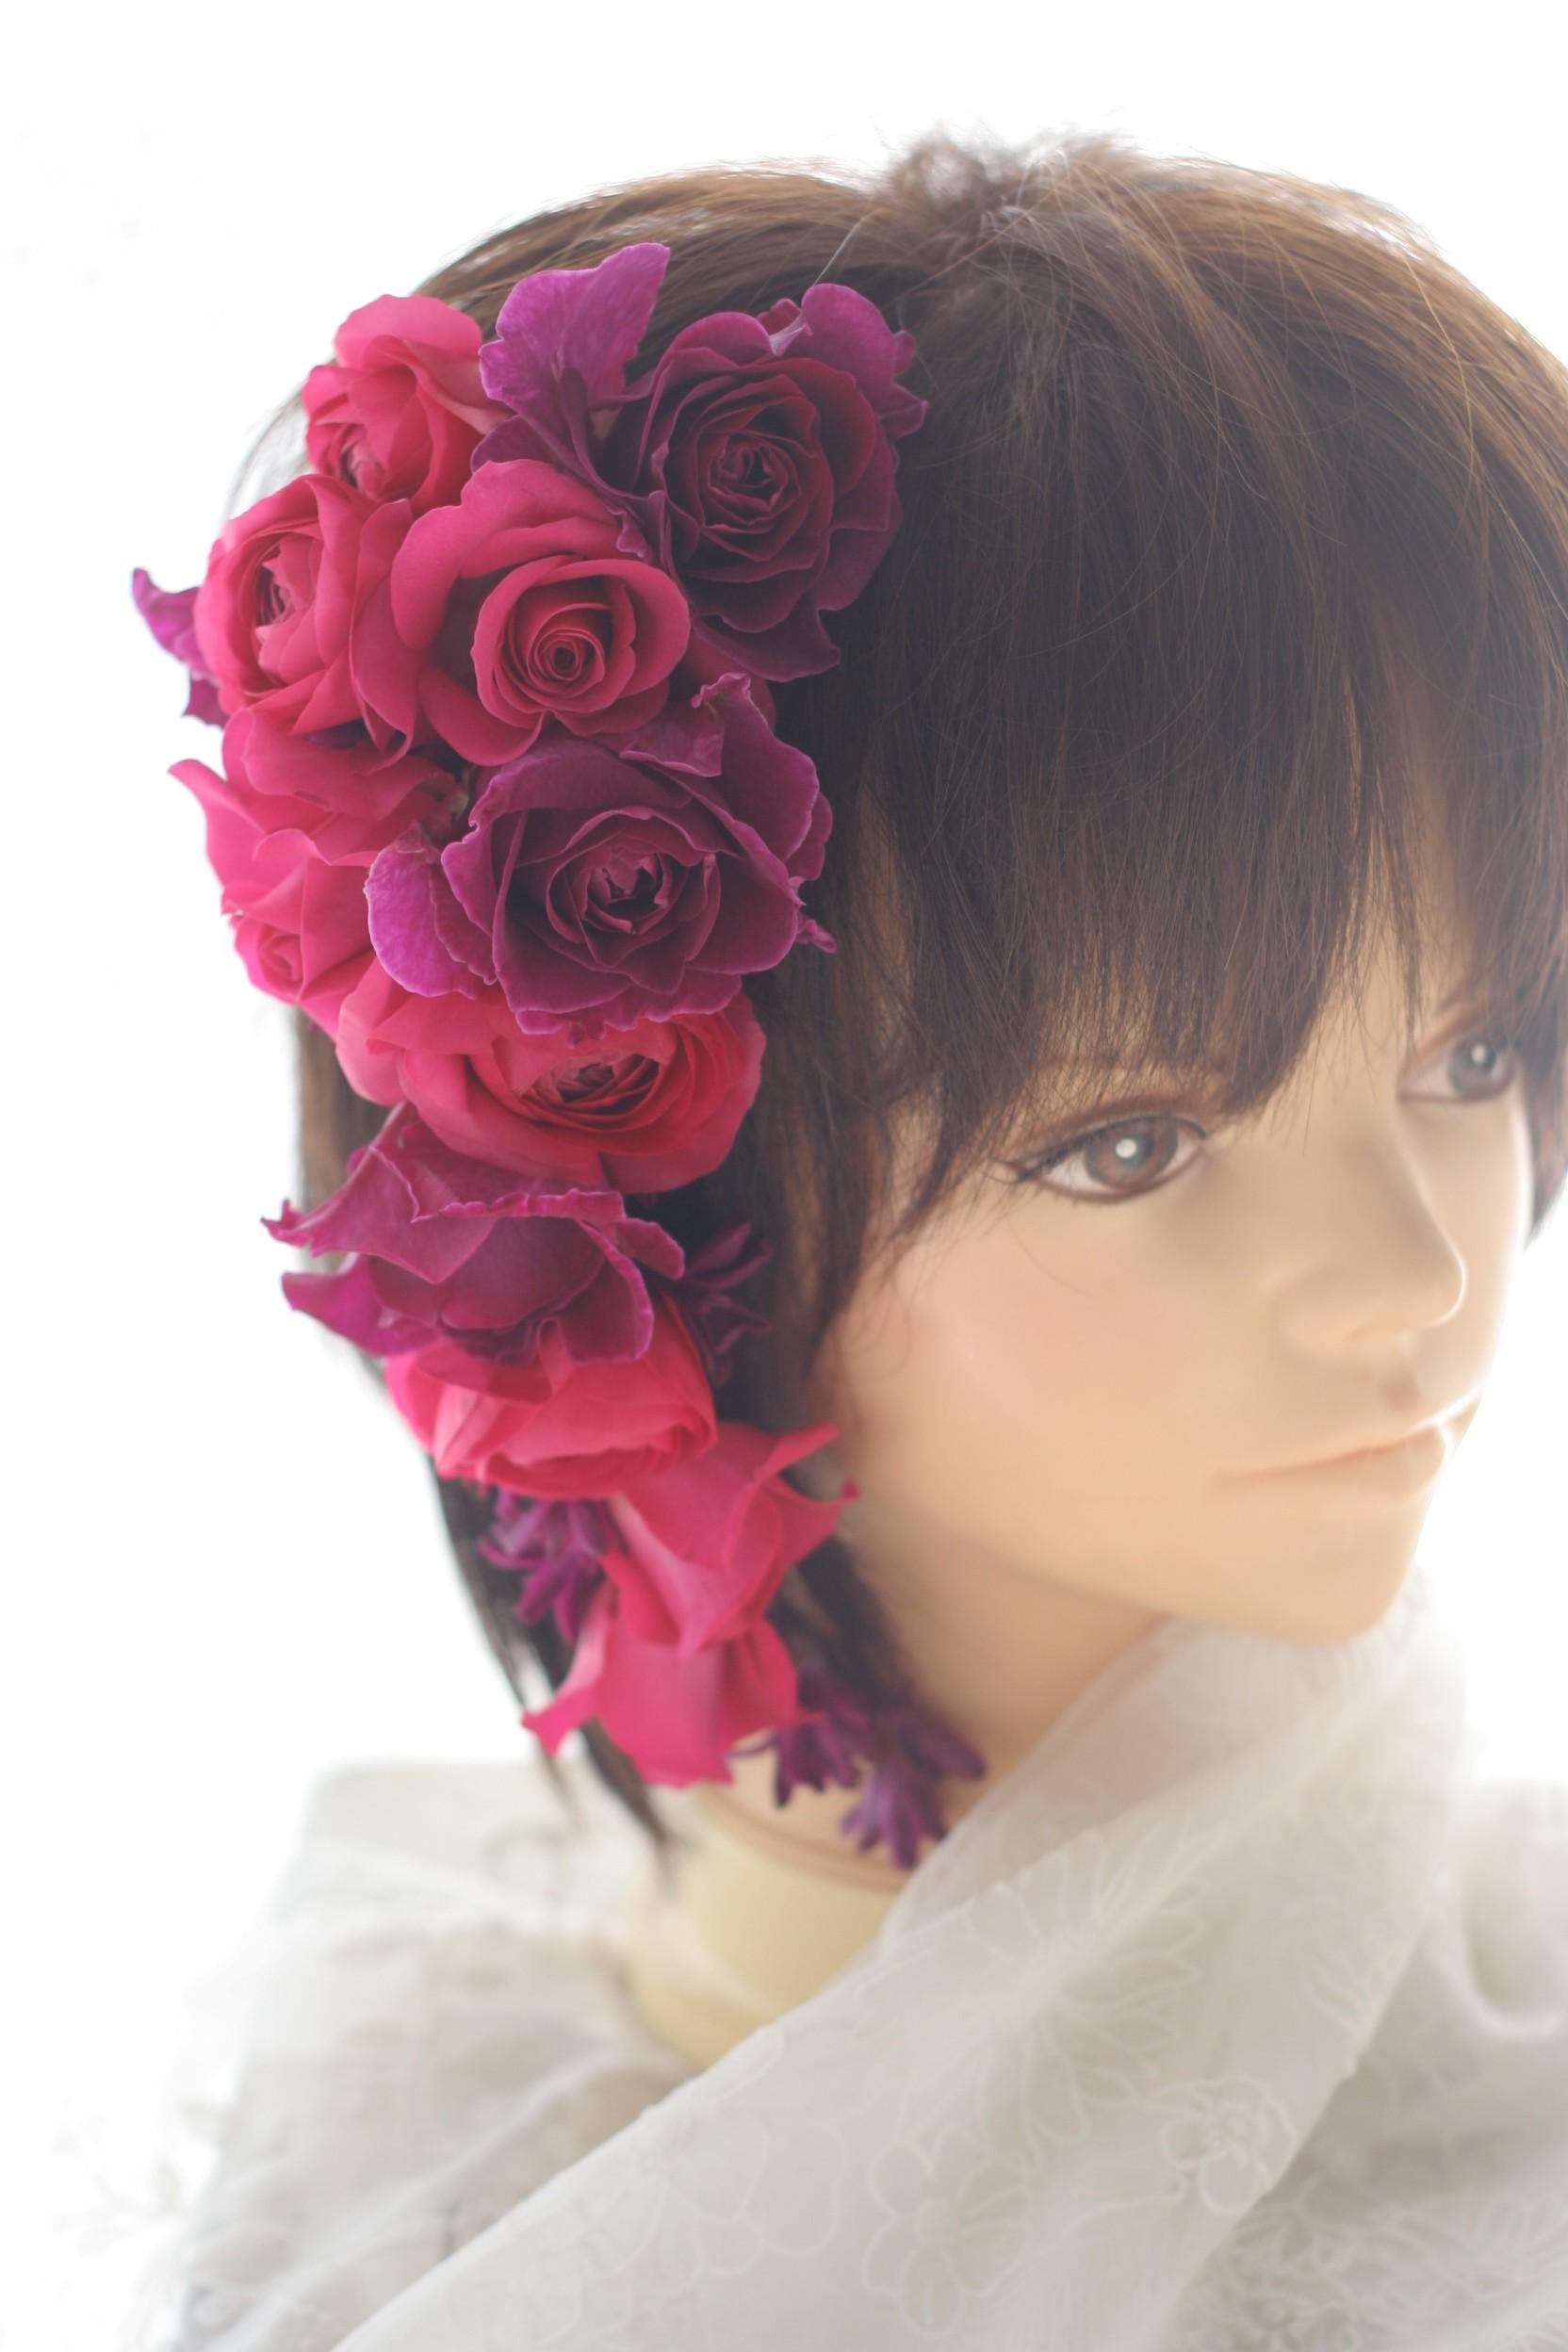 ダウンスタイルの花のヘッドドレスとリストブーケ 目黒雅叙園様へ_a0042928_2393473.jpg